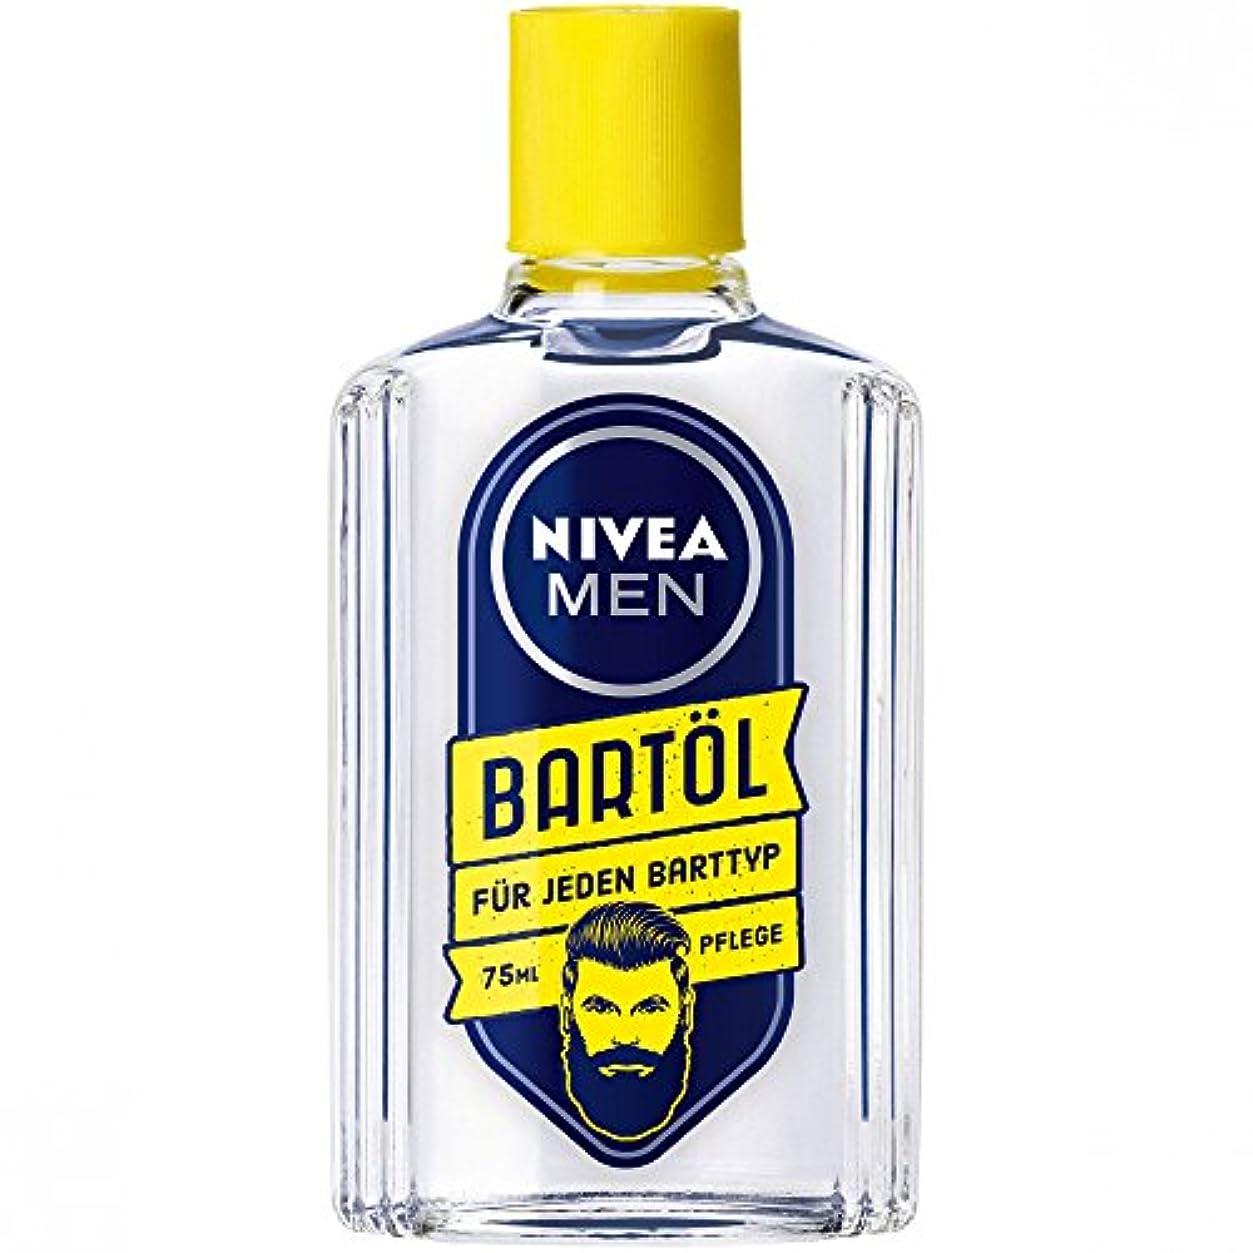 ボクシング肯定的宿命ニベアメン Beard Oil ひげの維持のための油 75ml (1) [並行輸入品]